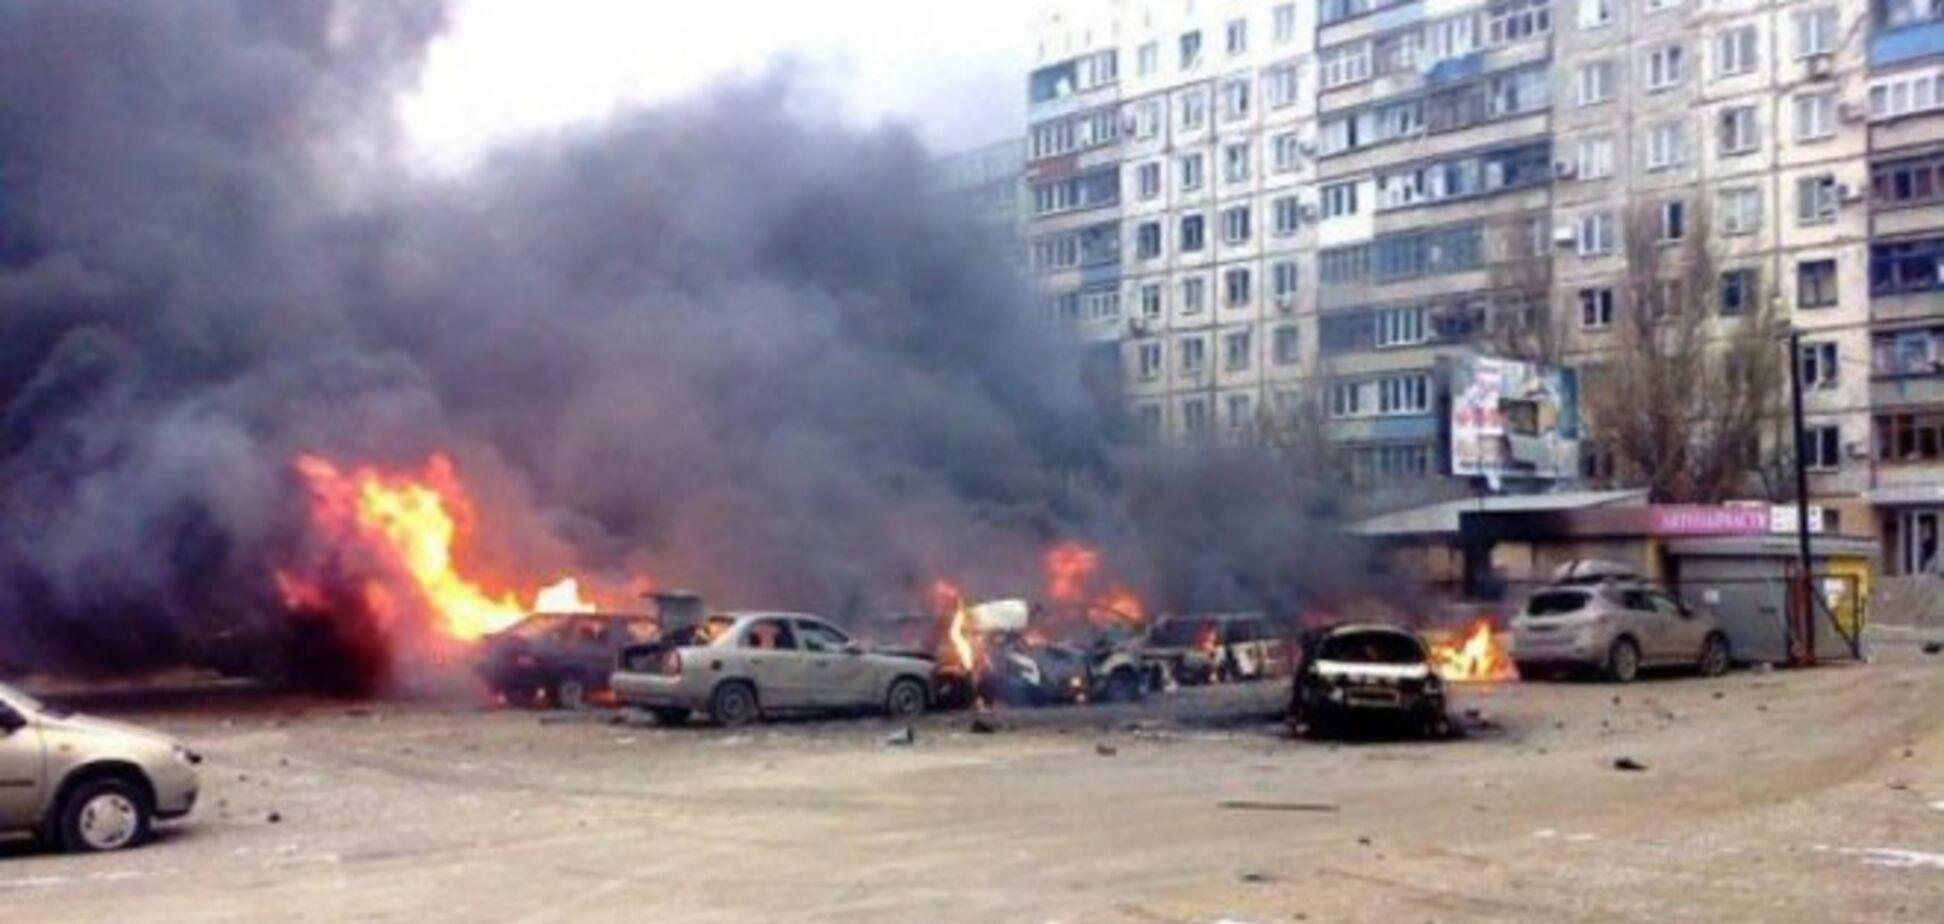 Россия несет ответственность за все невинные жертвы в Мариуполе, Волновахе, Дебальцево и Донецке - МИД